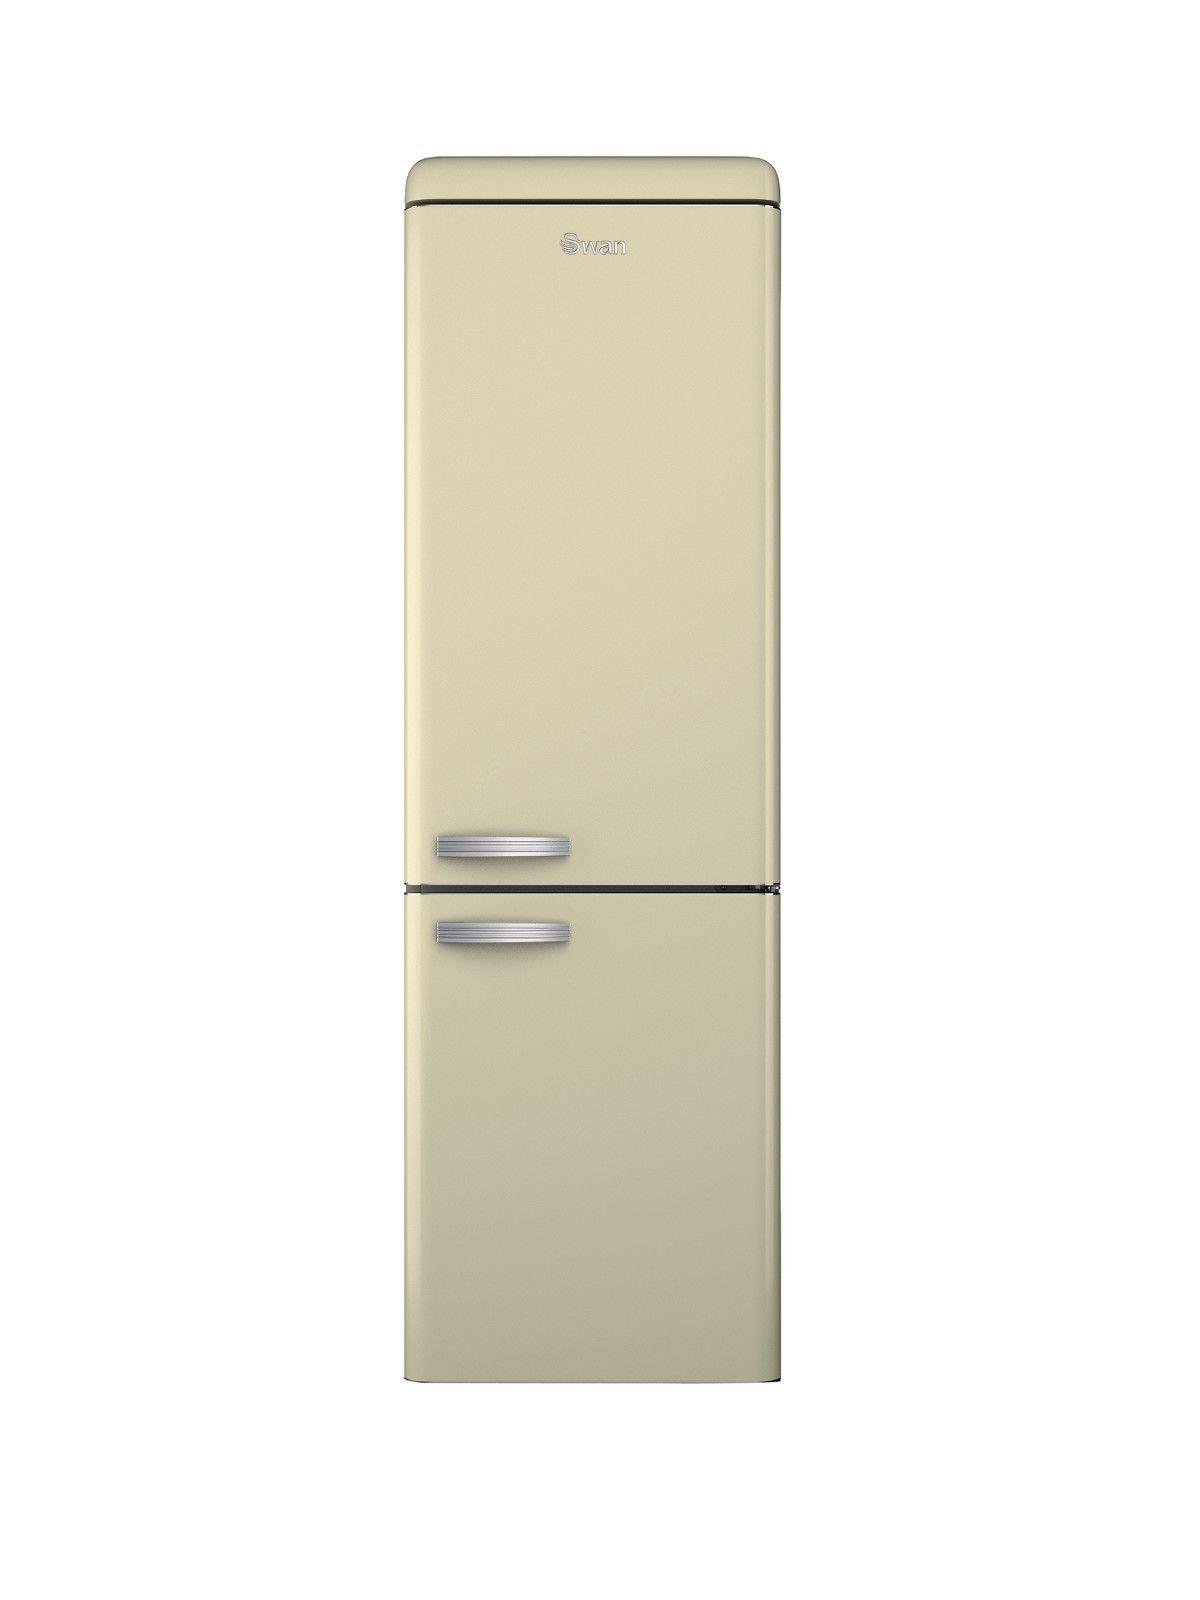 swan sr11020c 60 cm retro fridge freezer cream. Black Bedroom Furniture Sets. Home Design Ideas